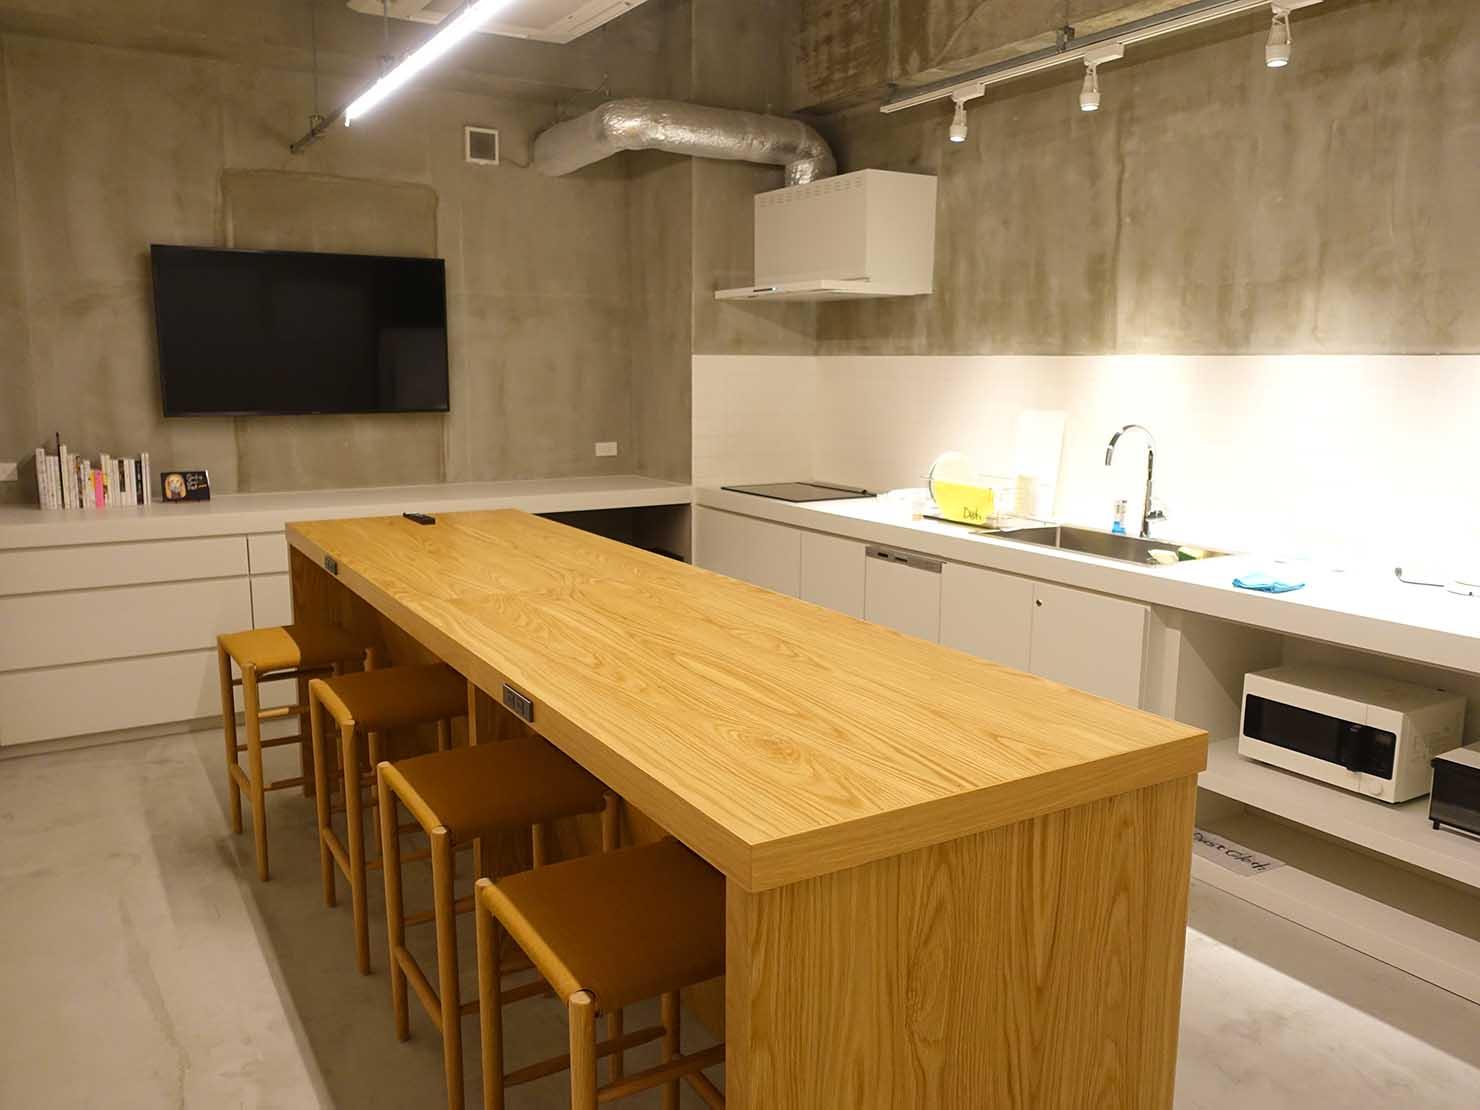 広島・八丁堀のおしゃれなリノベホテル「KIRO広島 The Share Hotels」シェアキッチンのテーブル